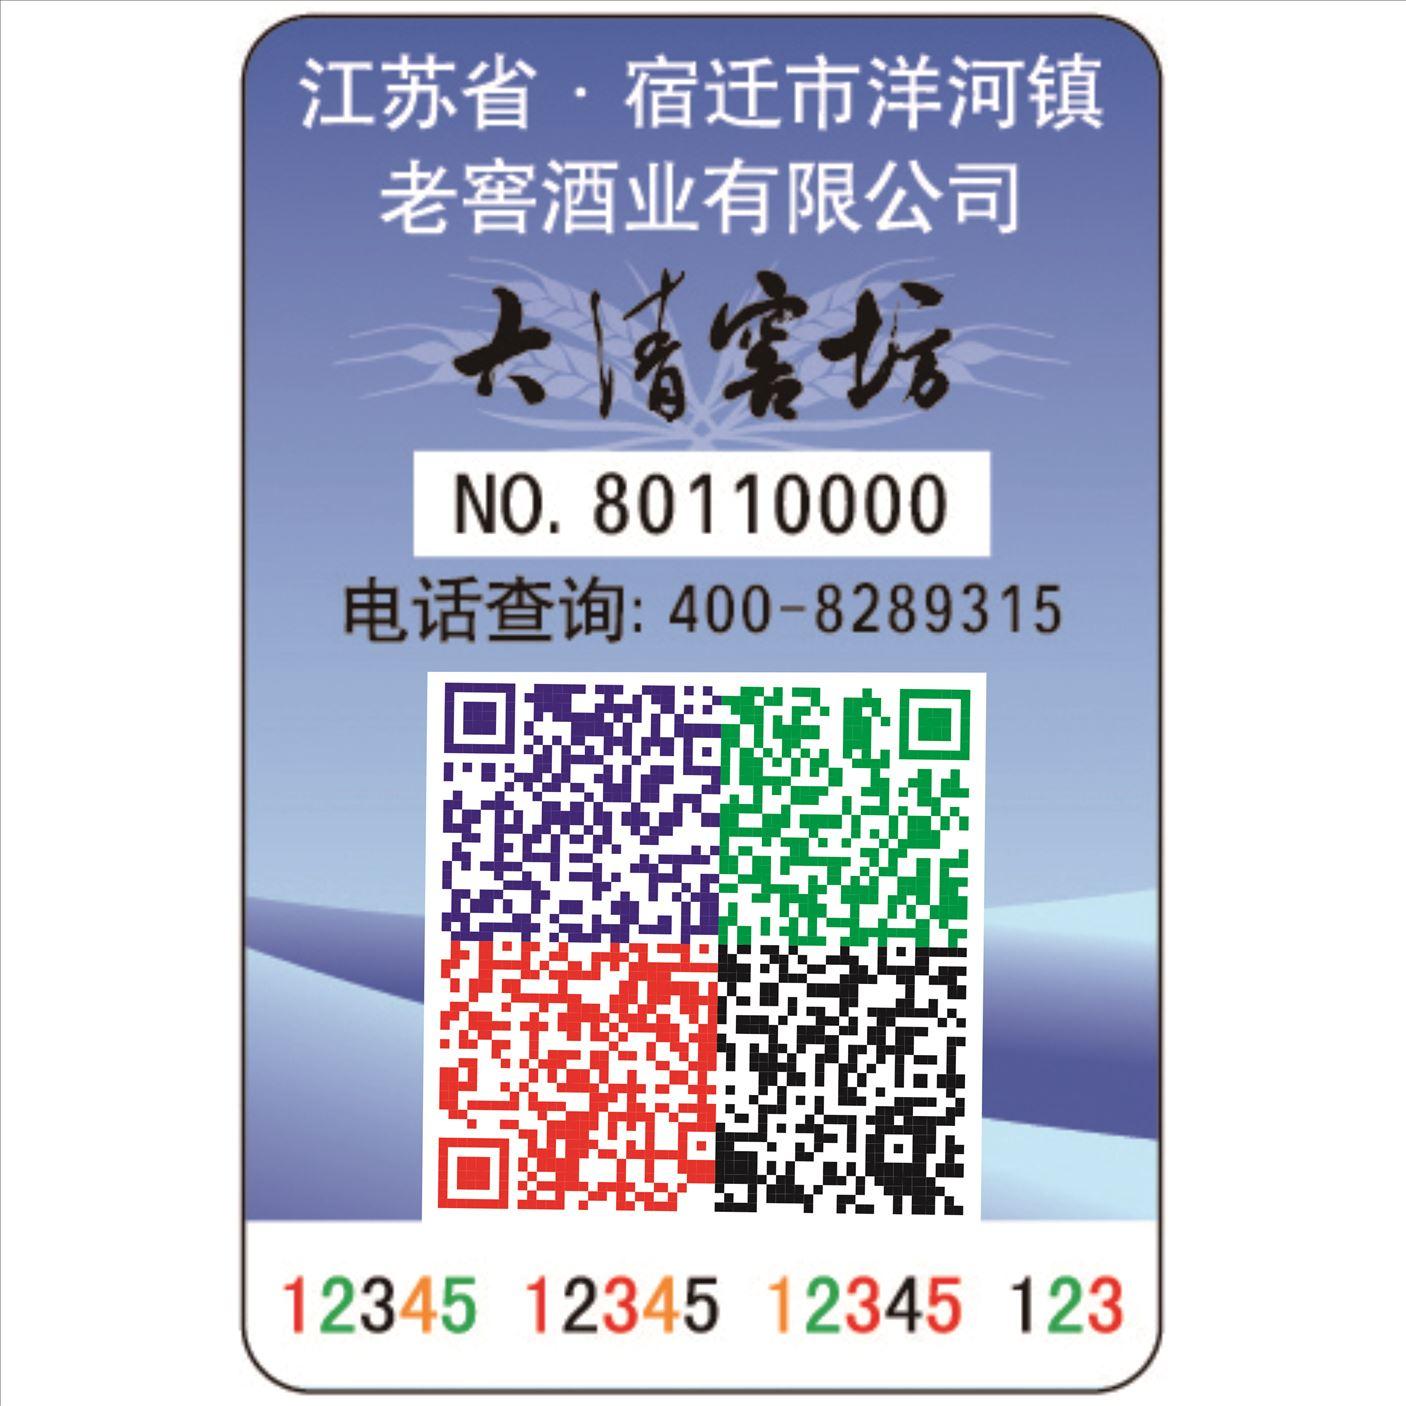 琼山供应防伪标签,在日后的产品改善中能够依据消费者的反应进行改善,